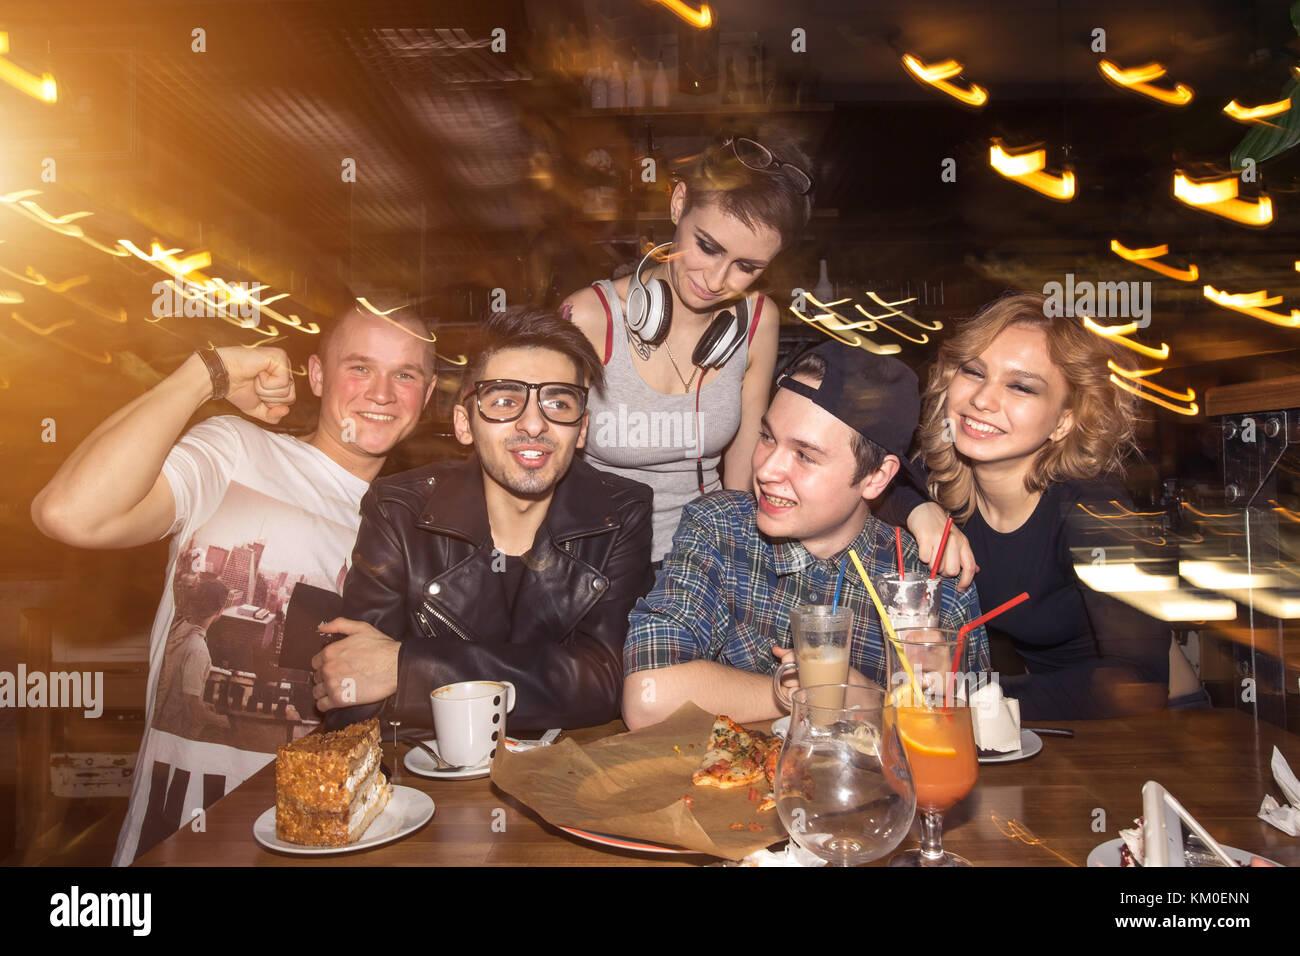 Freunde Spaß und trinken Bier in Night Club. lange Belichtung Stockbild